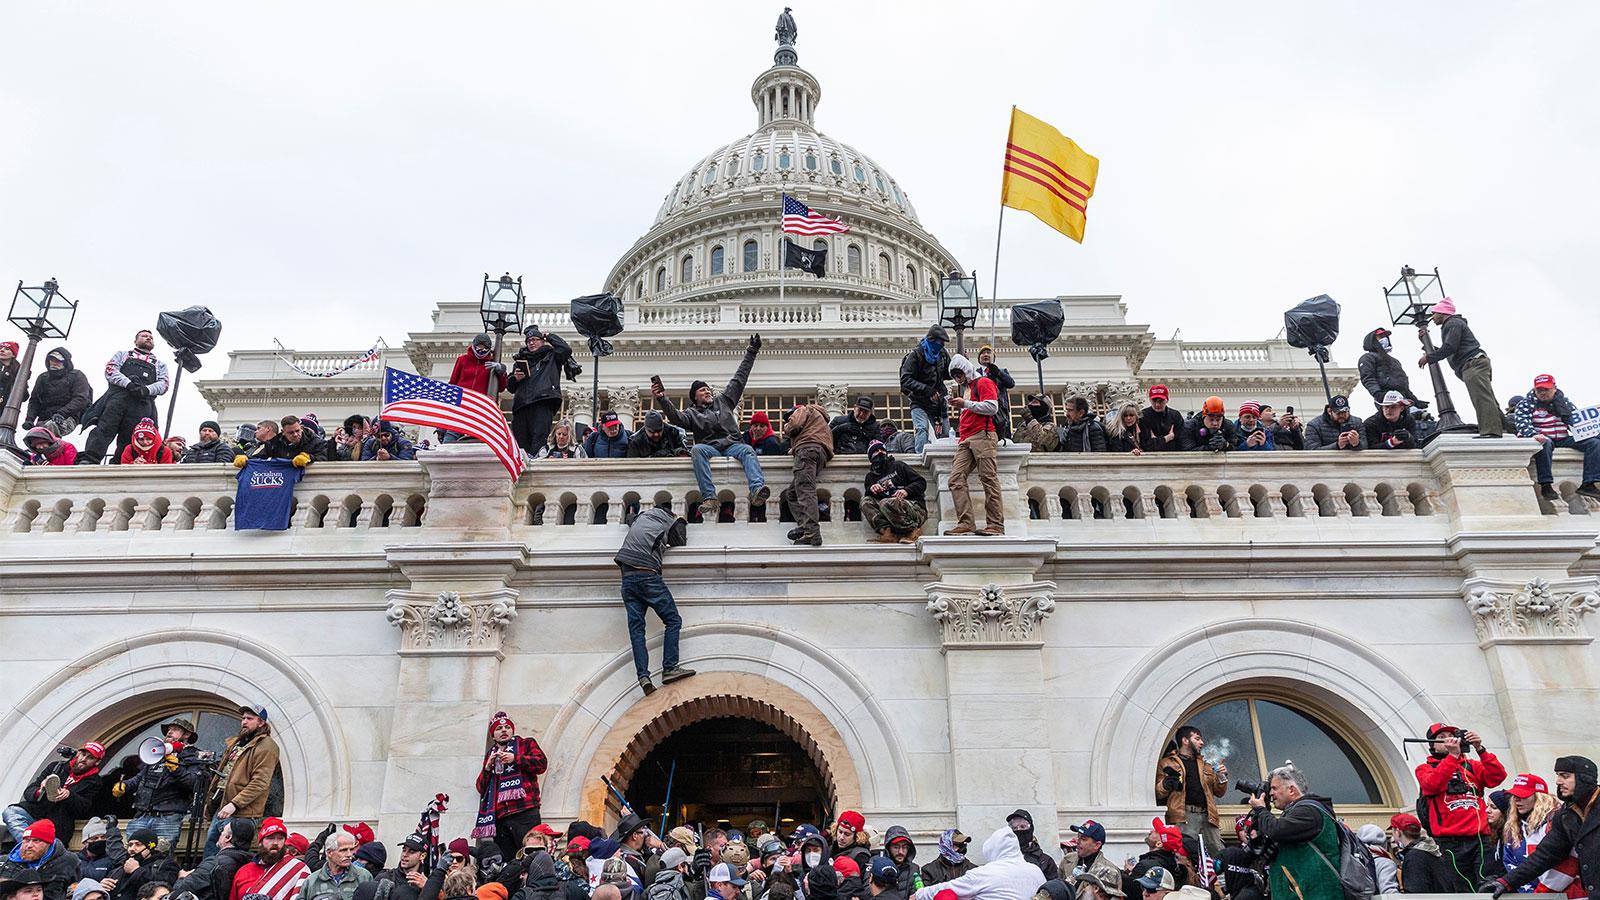 Invasion of the U.S. Capitol